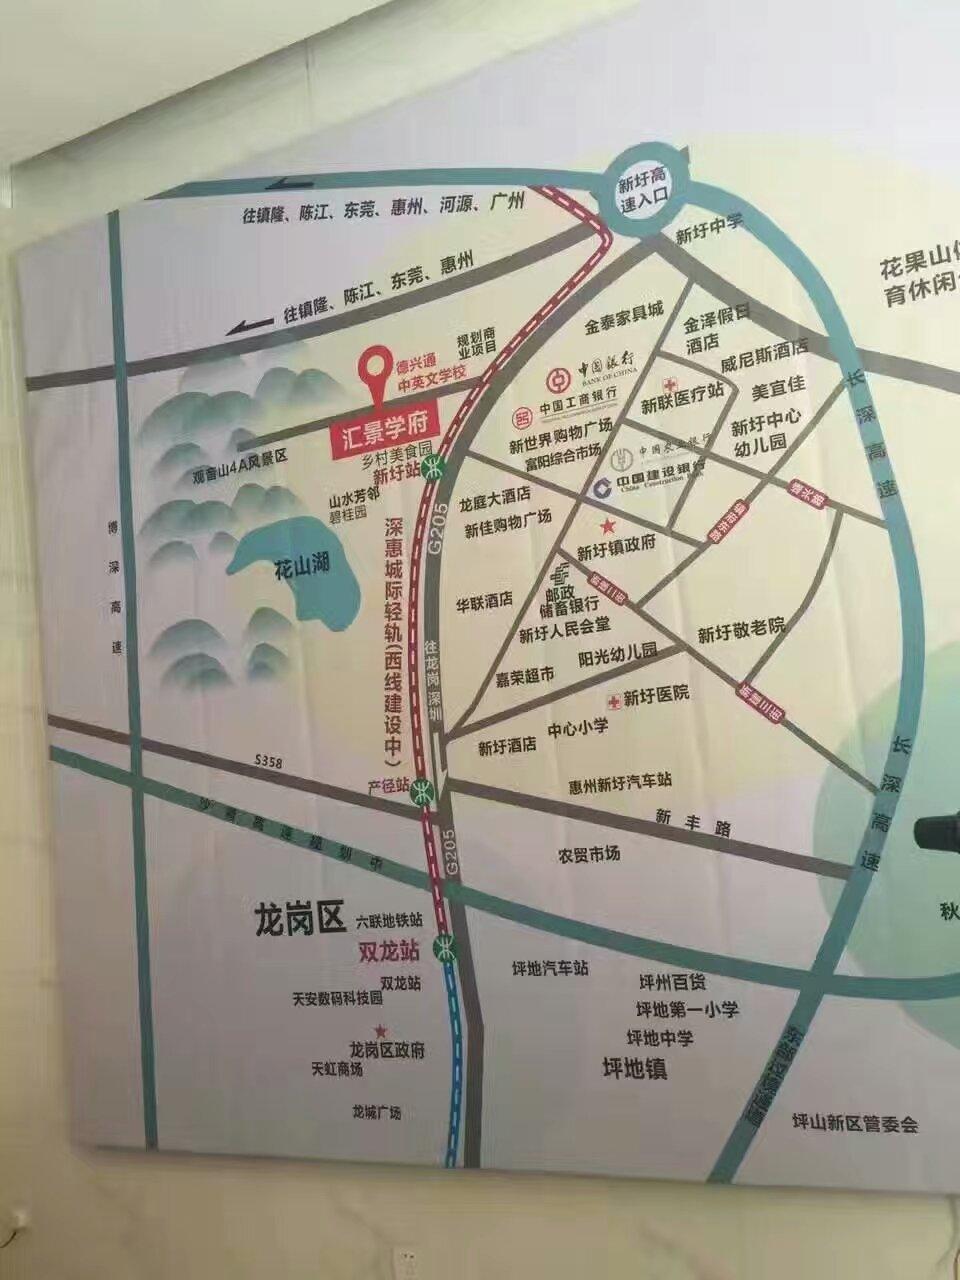 来自刘国泉发布的商务合作信息:今天和老业主聊天,他很感慨,说以后买房的... - 深圳脉房网络科技有限公司